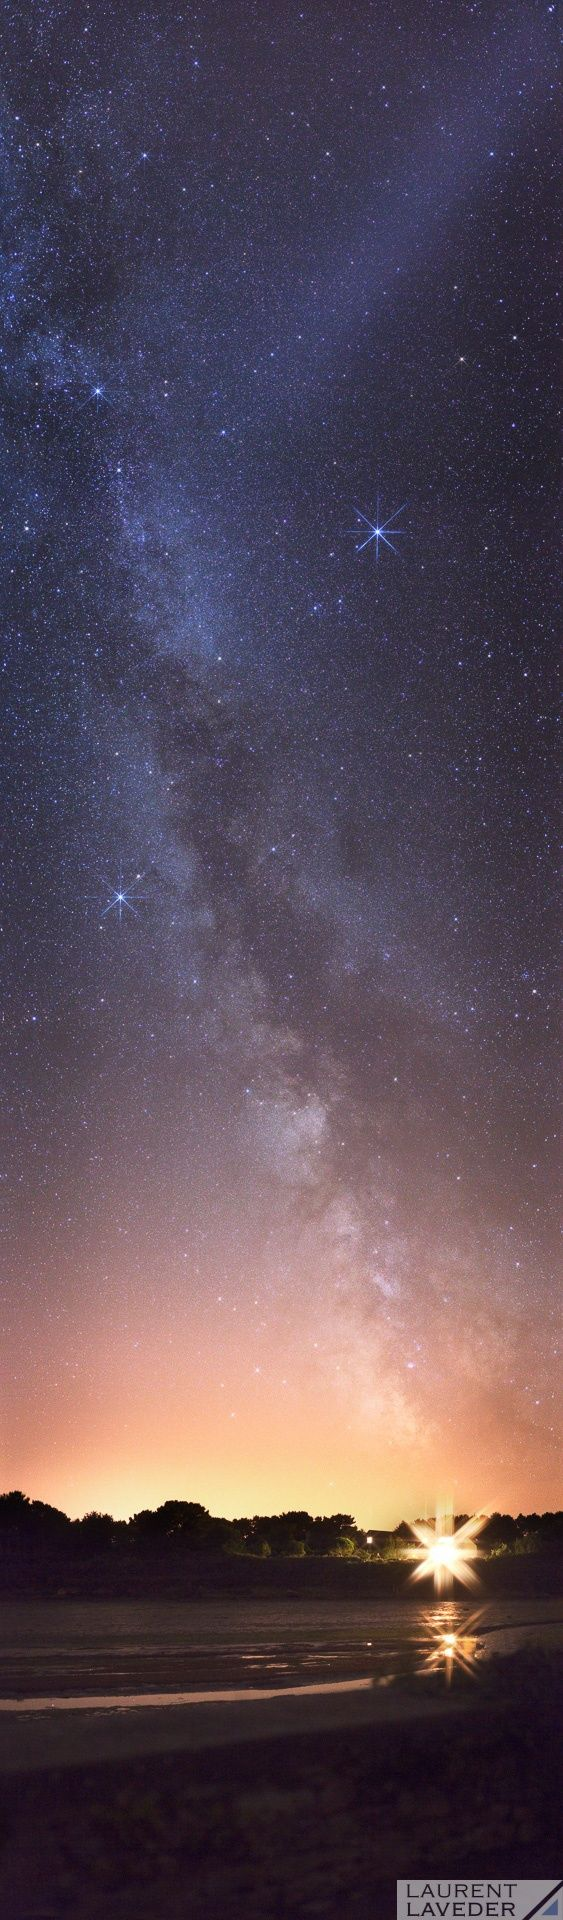 The Milky Way toward South - La voie lactée direction plein sud by Laurent Laveder on 500px